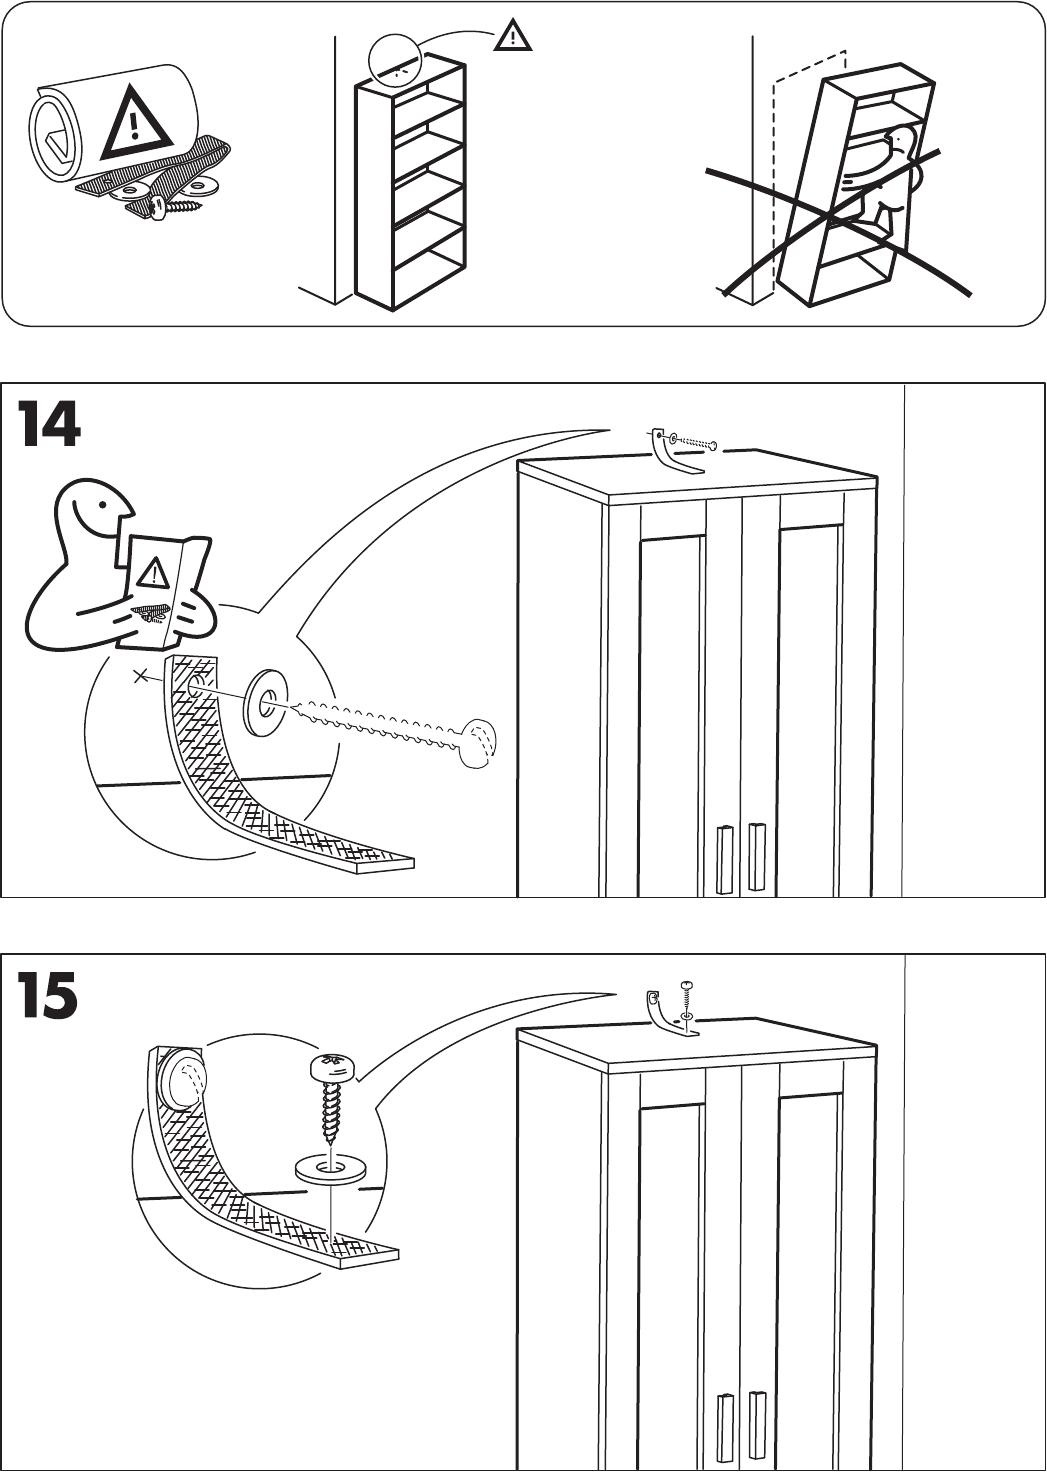 Handleiding Ikea Aneboda Kast Pagina 12 Van 12 Nederlands